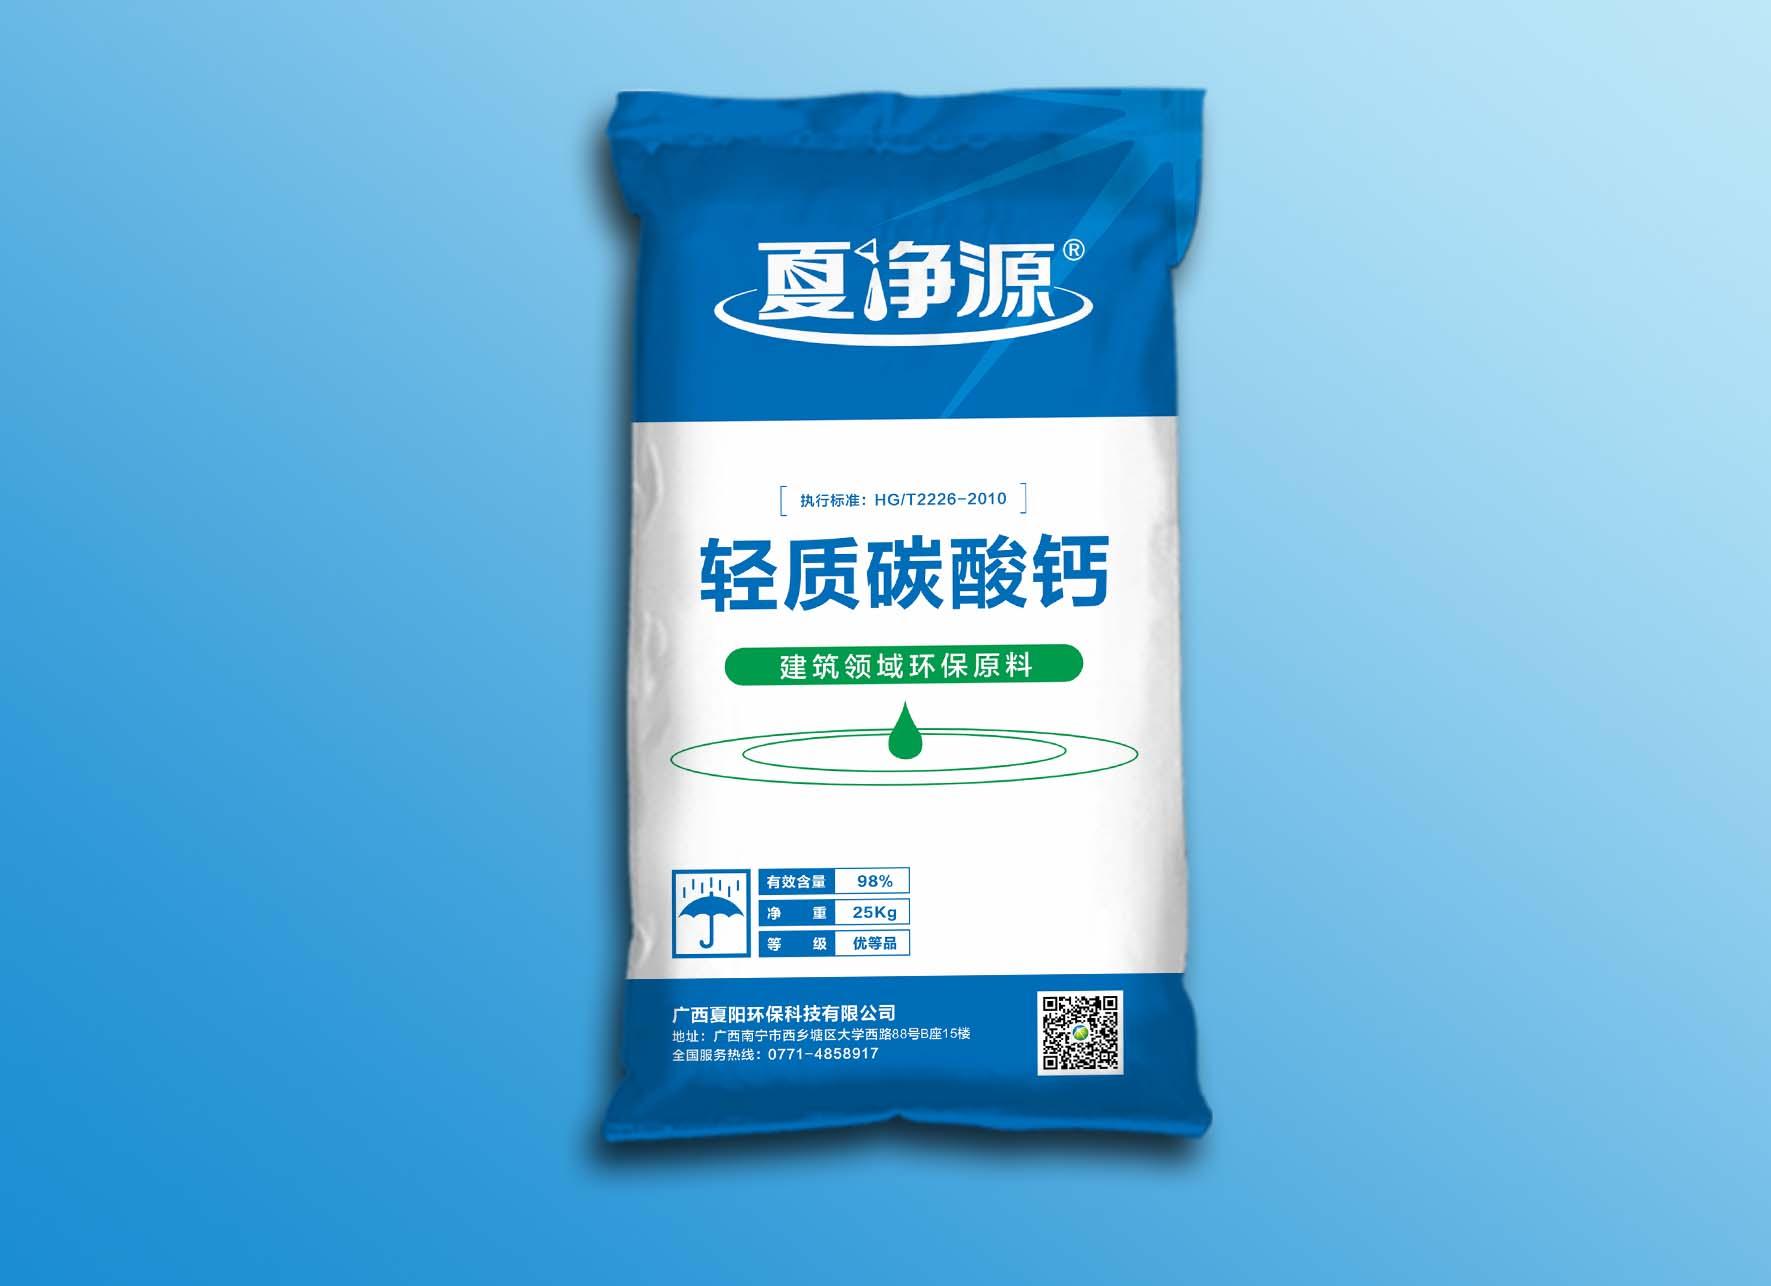 輕質碳酸鈣